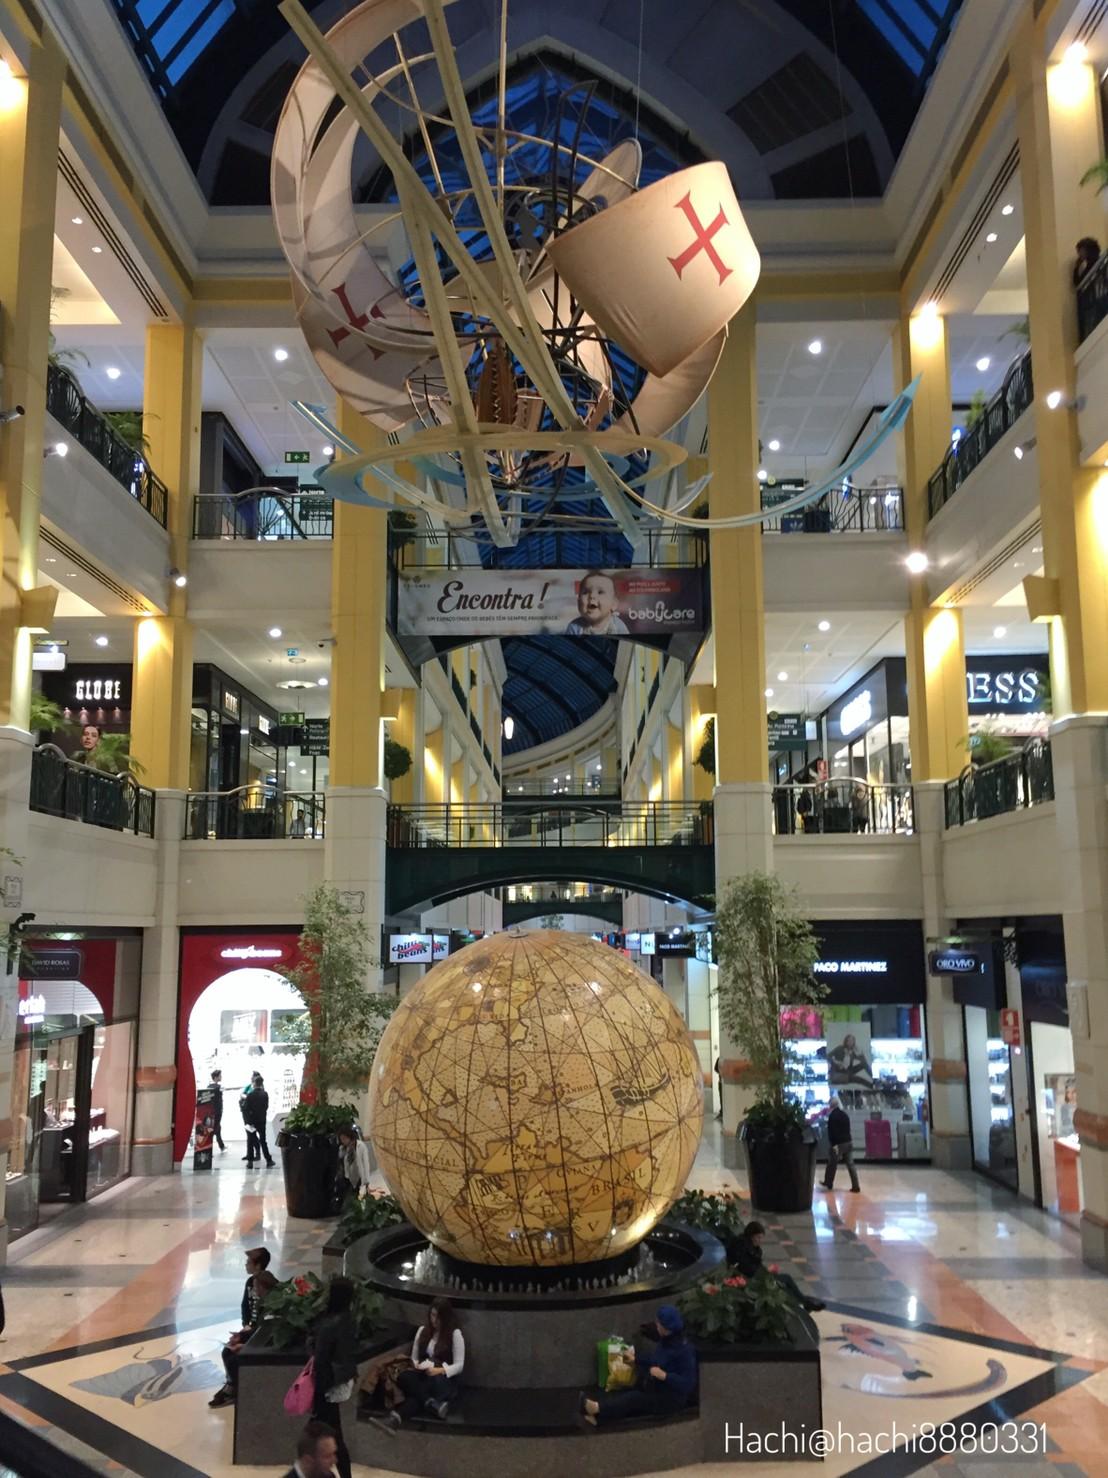 コロンボ(Colombo Shopping Centre)のモニュメント